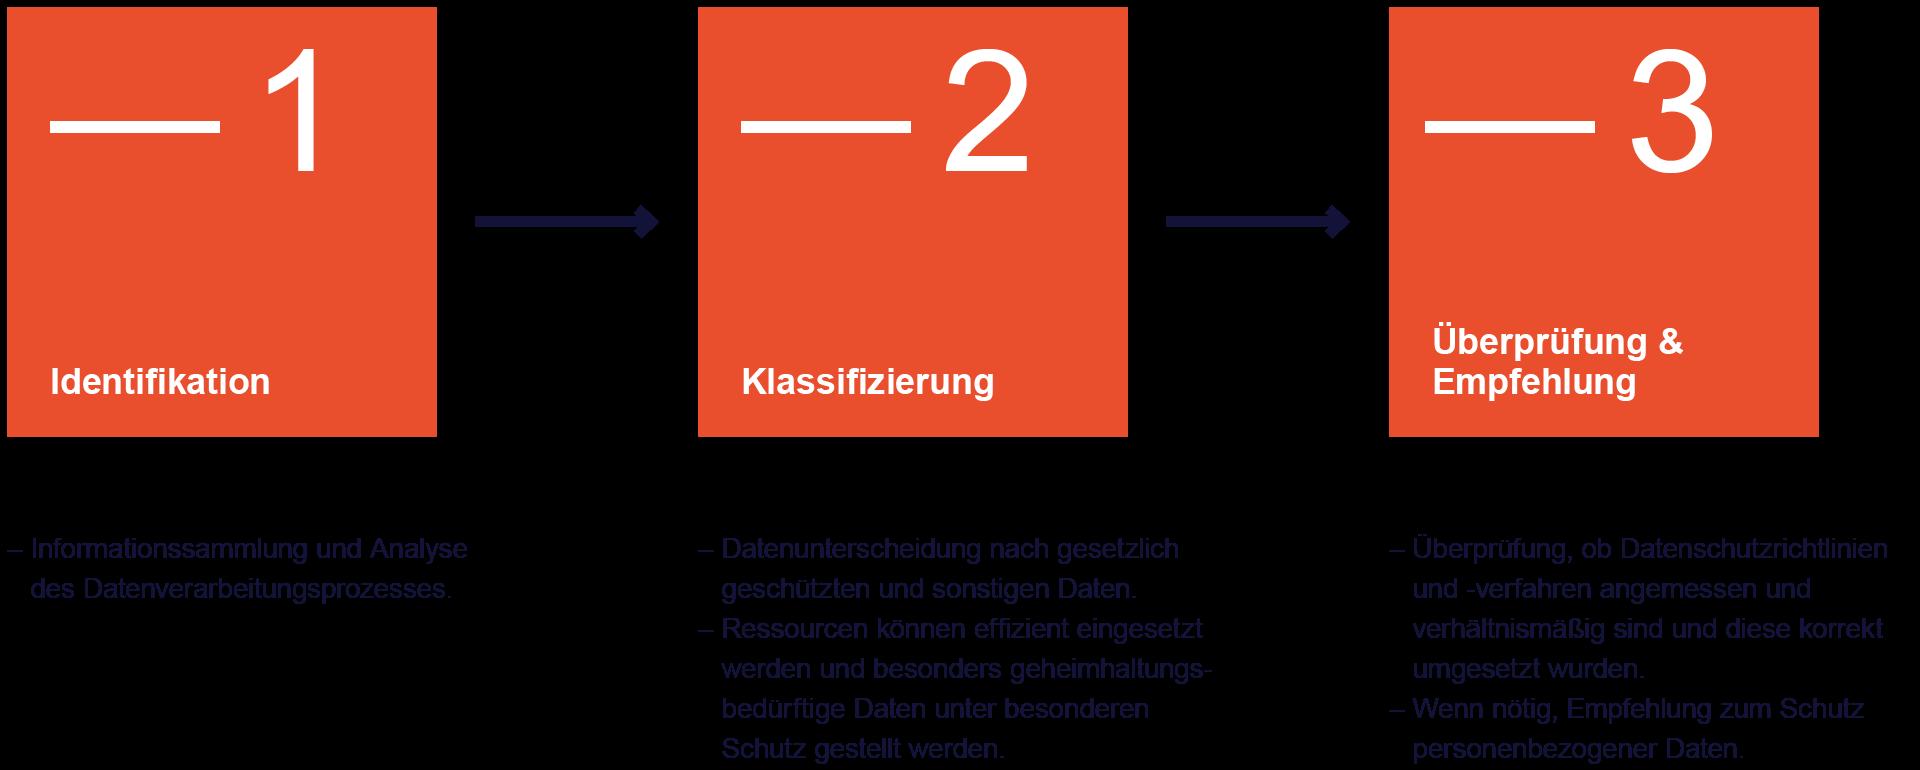 Infografik Datenschutzaudit